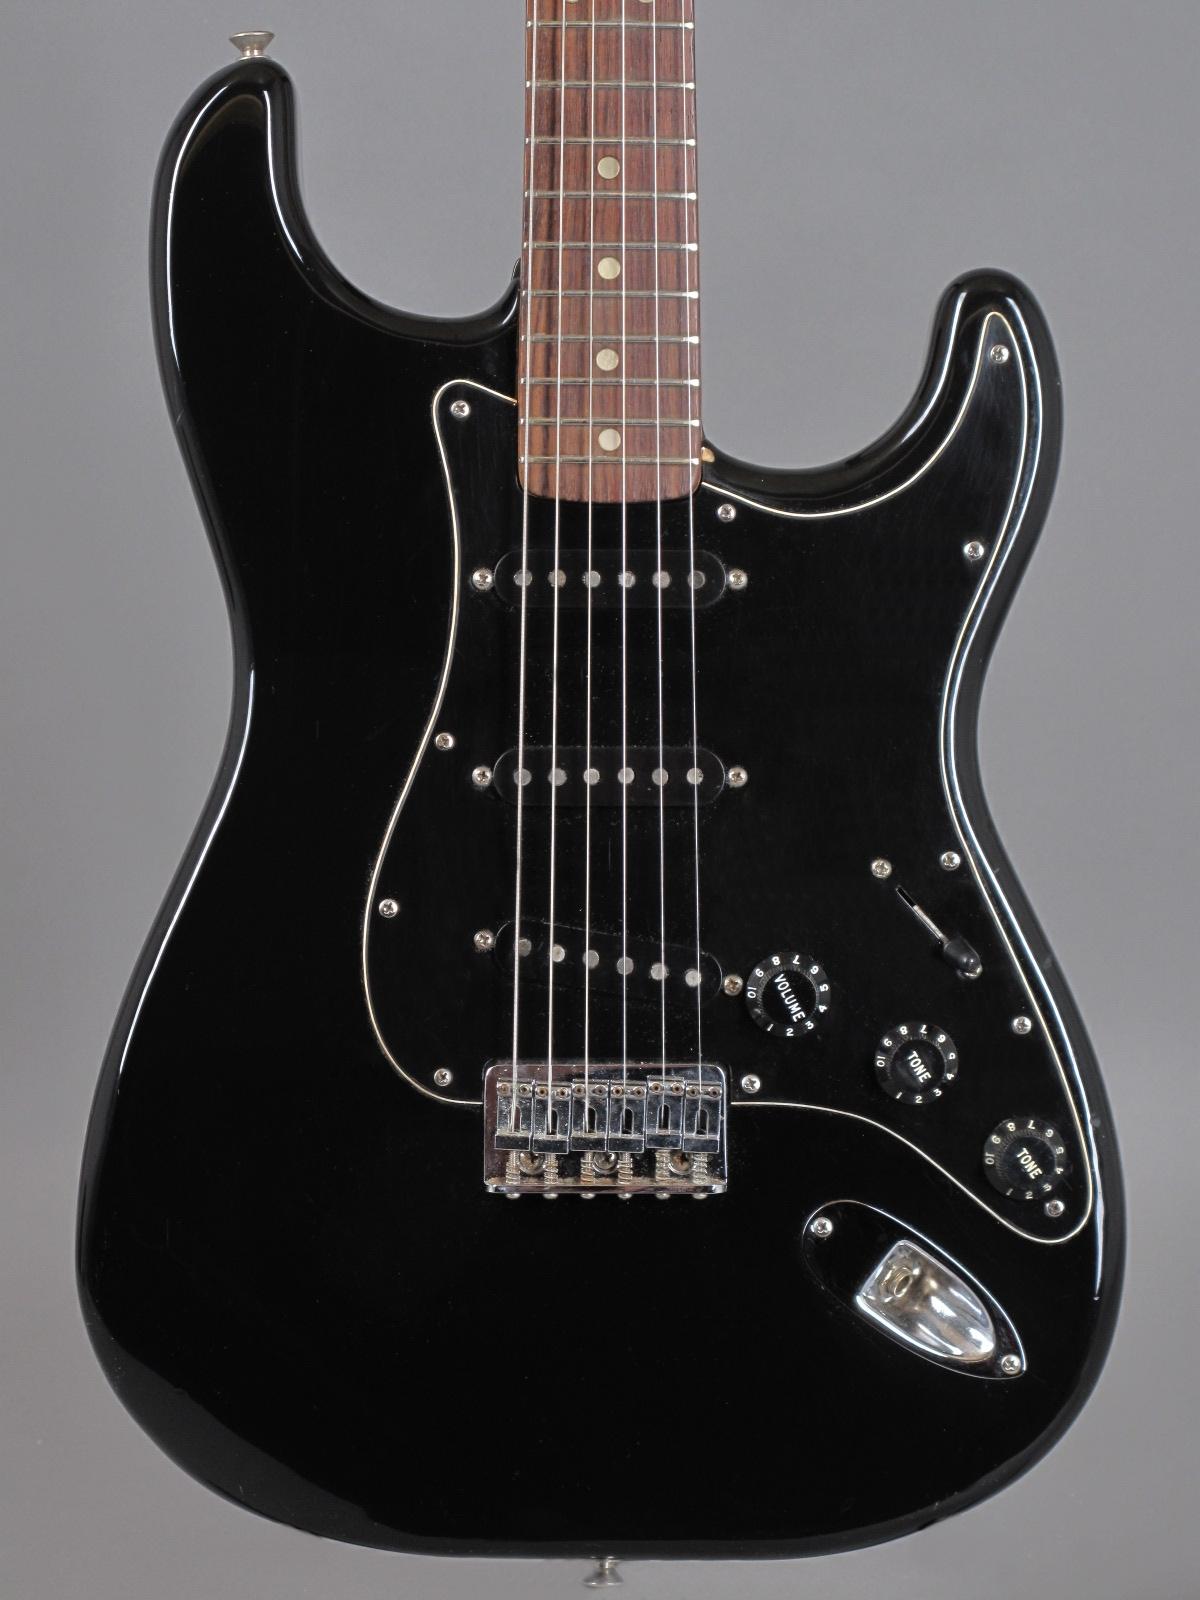 1976 Fender Stratocaster - Black